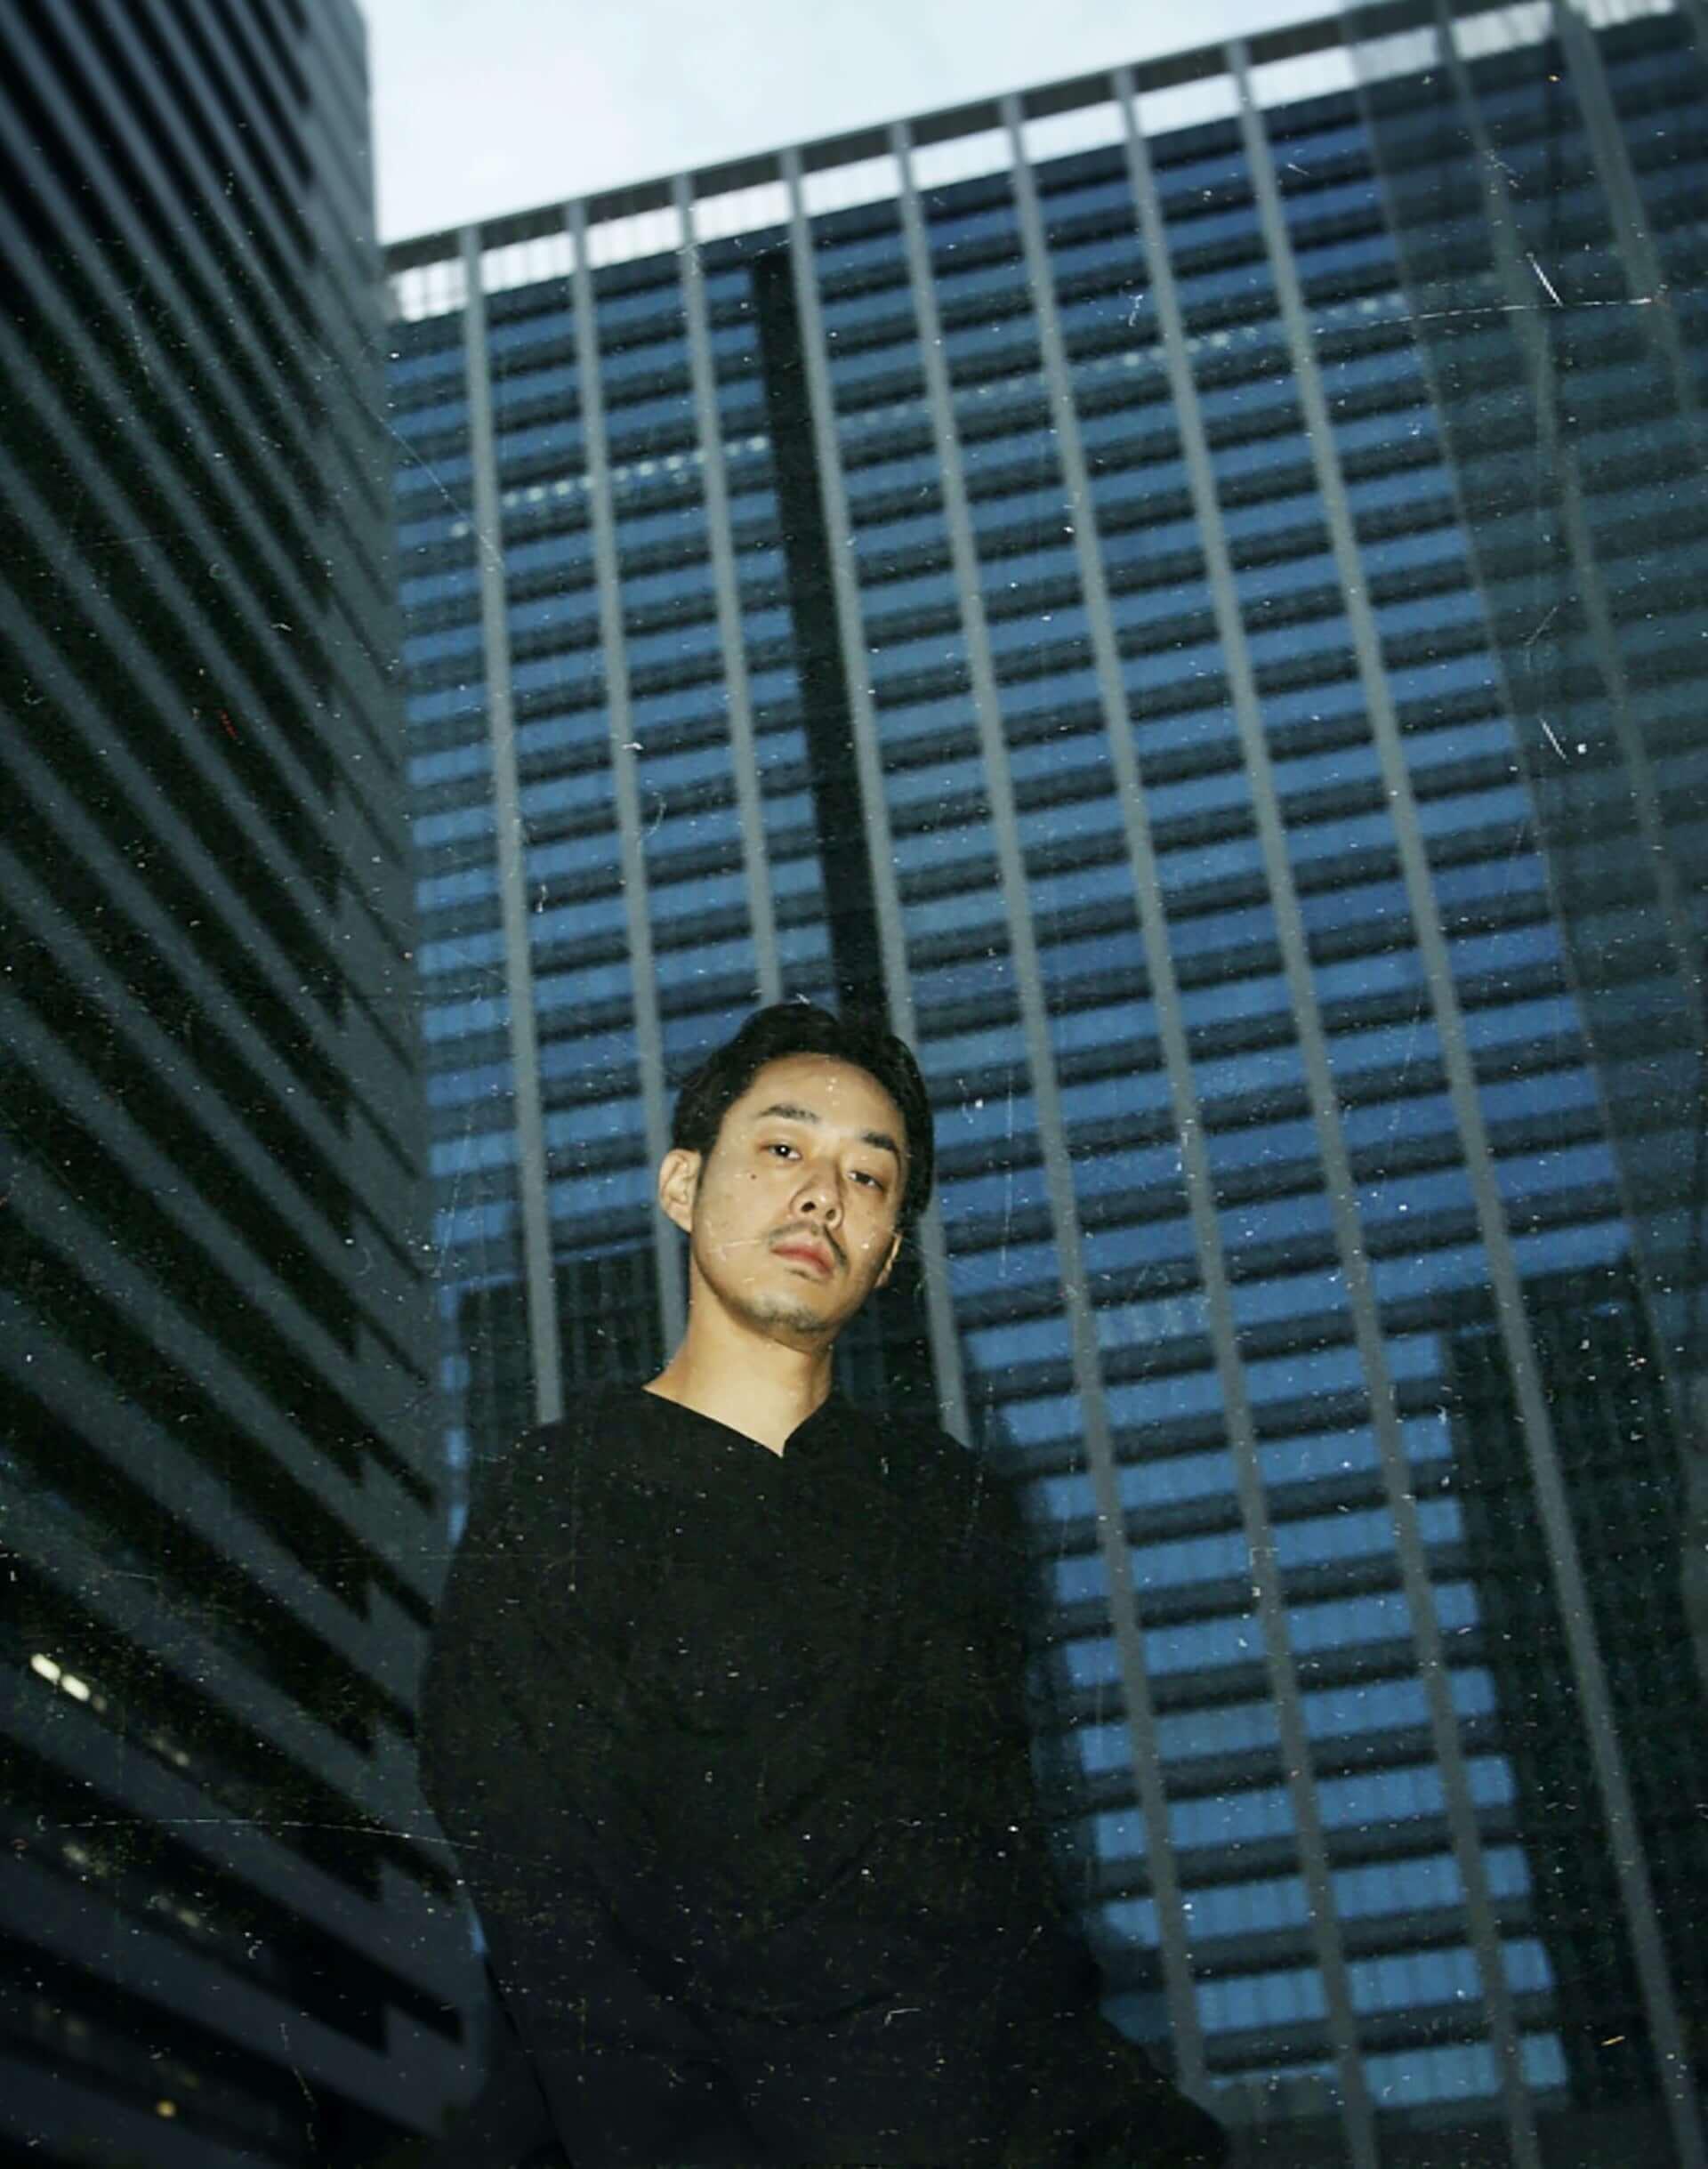 """環ROYが3年振りにして完全セルフプロデュースの新曲""""Protect You""""を本日緊急リリース!MV、新ジャケ写、プレイリストも公開 music200805_tamaki-roy_2-1920x2438"""